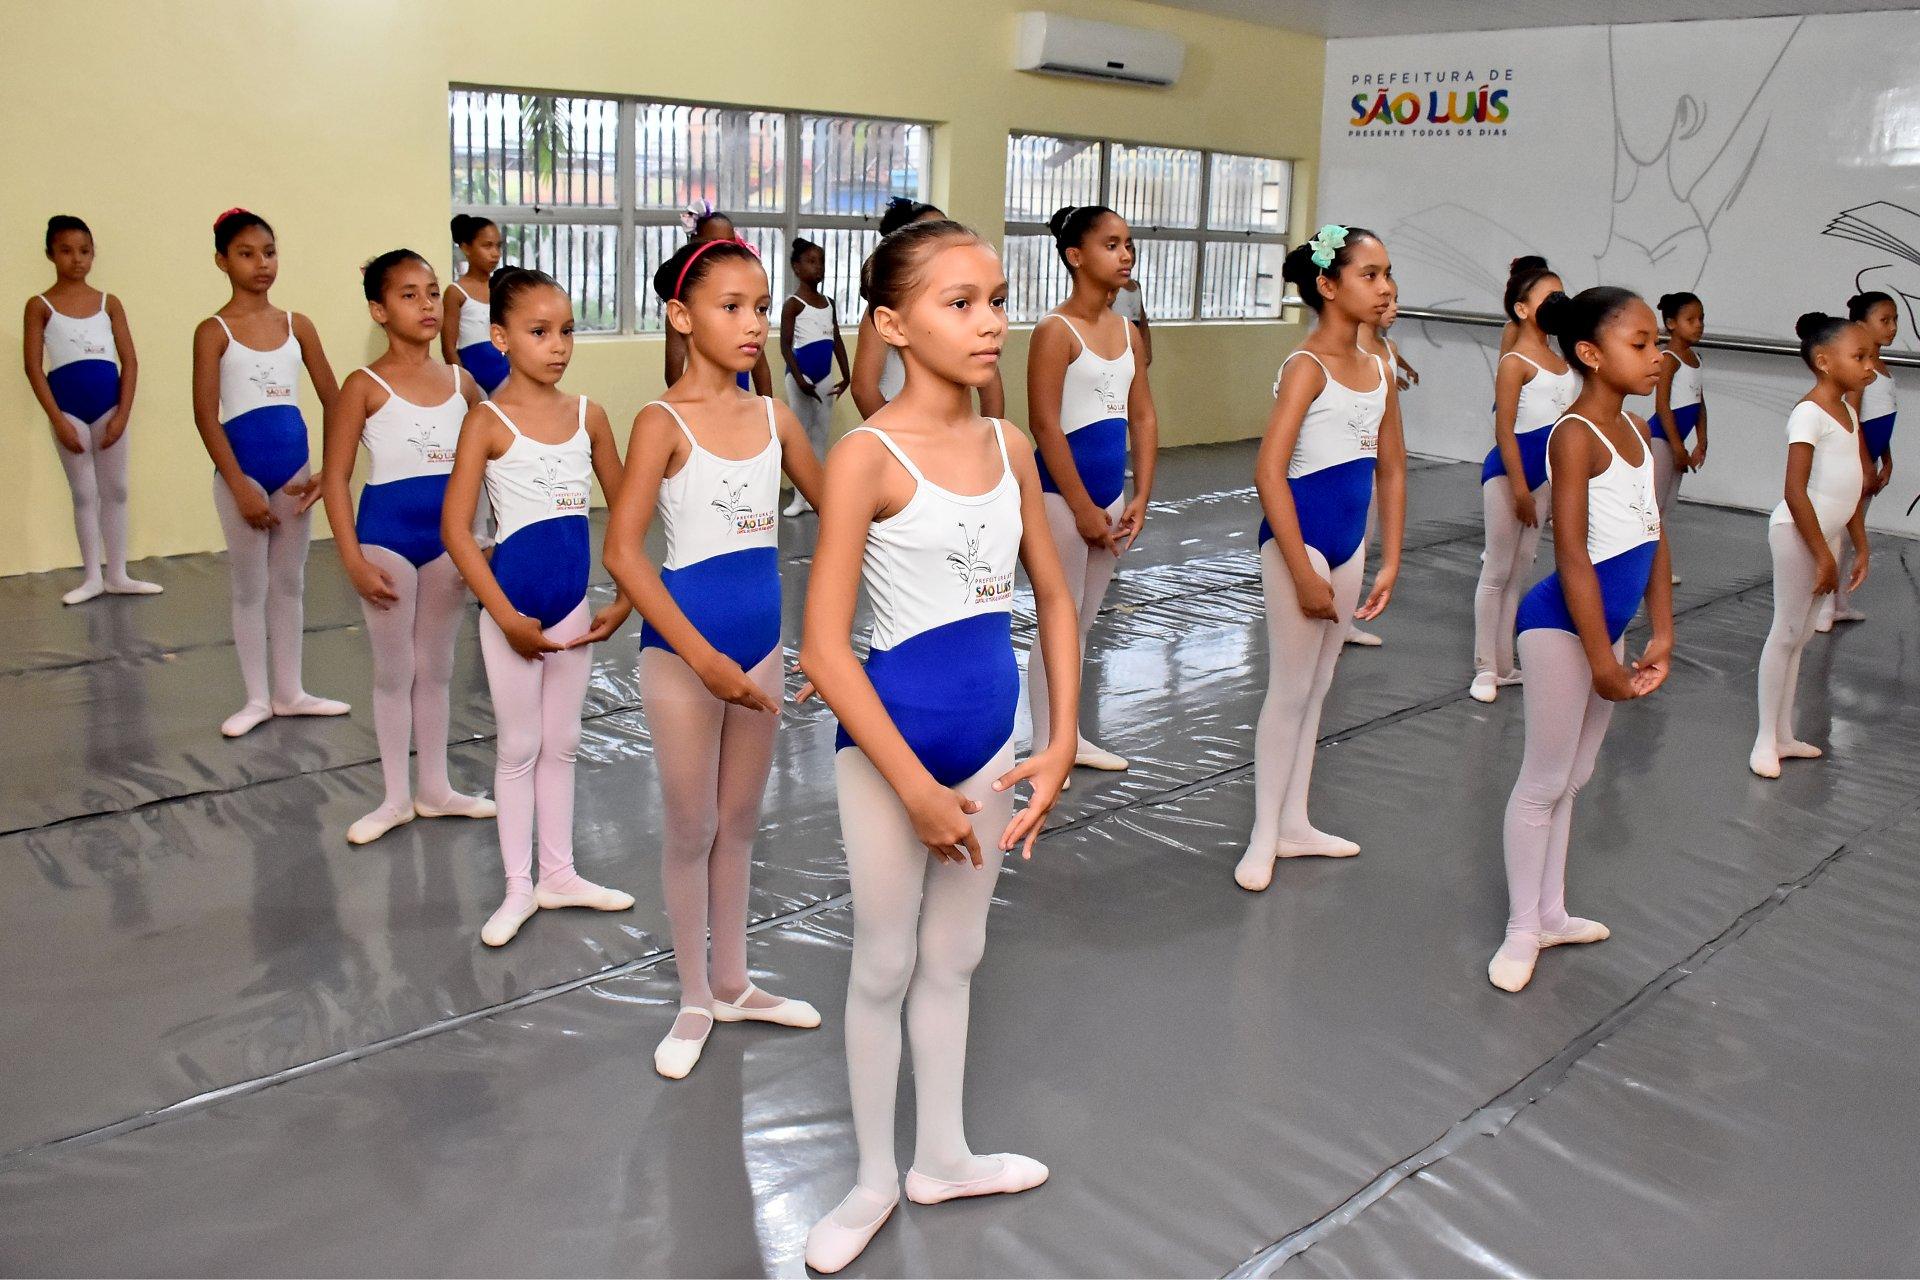 dae2d2a400 Prefeitura finaliza preparativos para espetáculo de ballet do ...